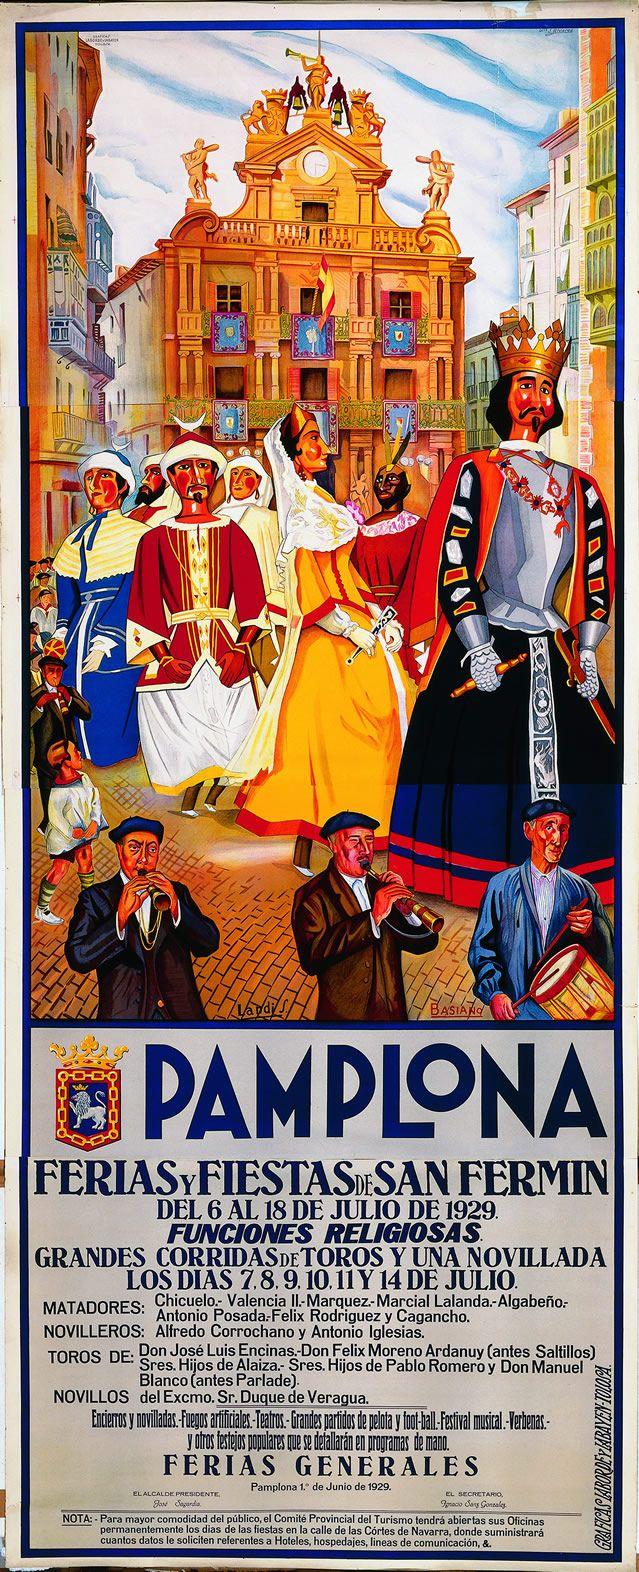 Cartel de los Sanfermines de 1924 - Fiestas y ferias de San Fermín, Pamplona :: Autor: Jesús Basiano Martínez